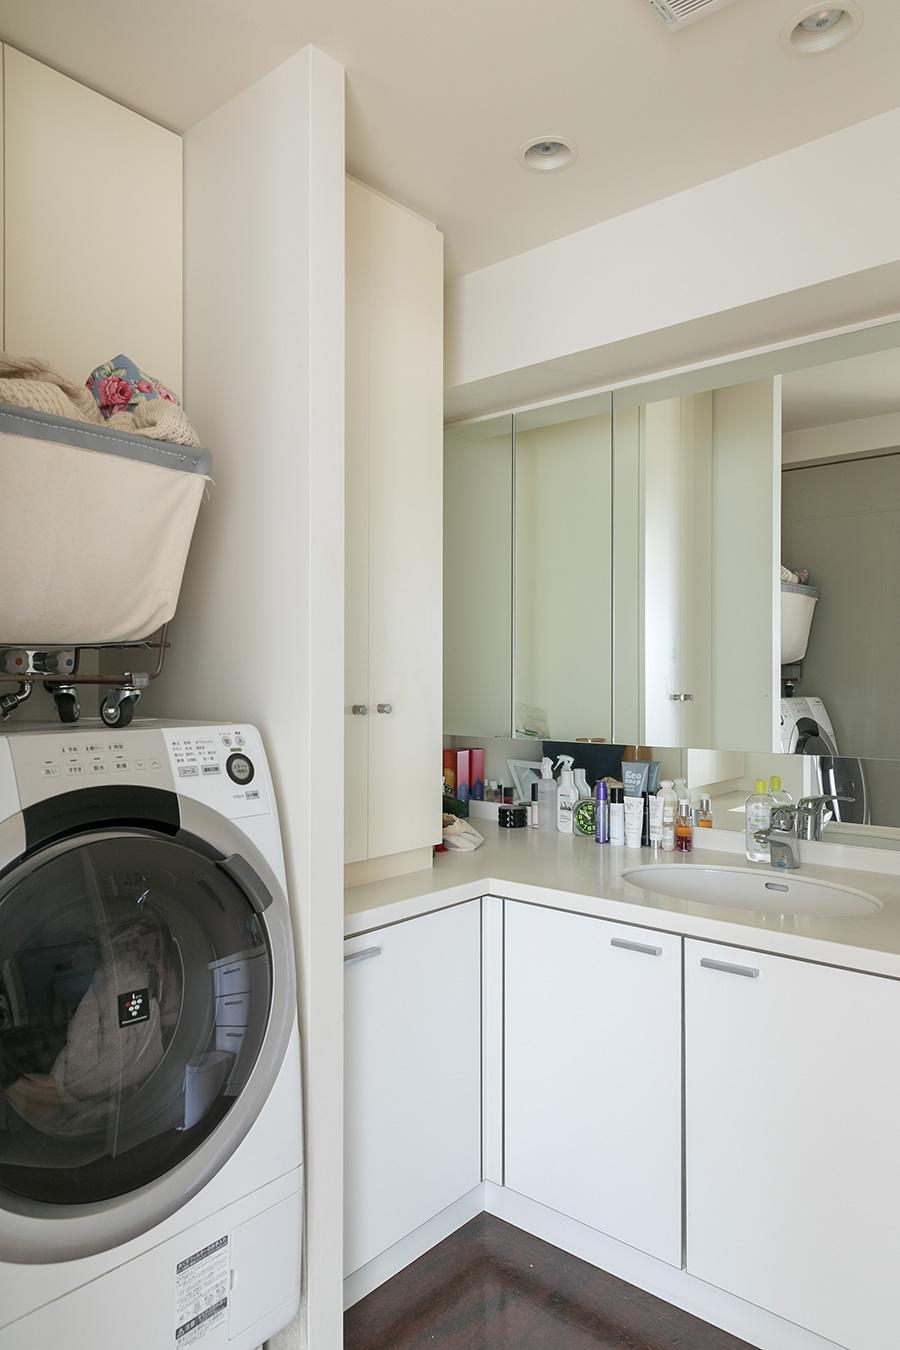 洗面所などの水周りはリノベーションしていないが、シンプルでホテルライクな雰囲気。